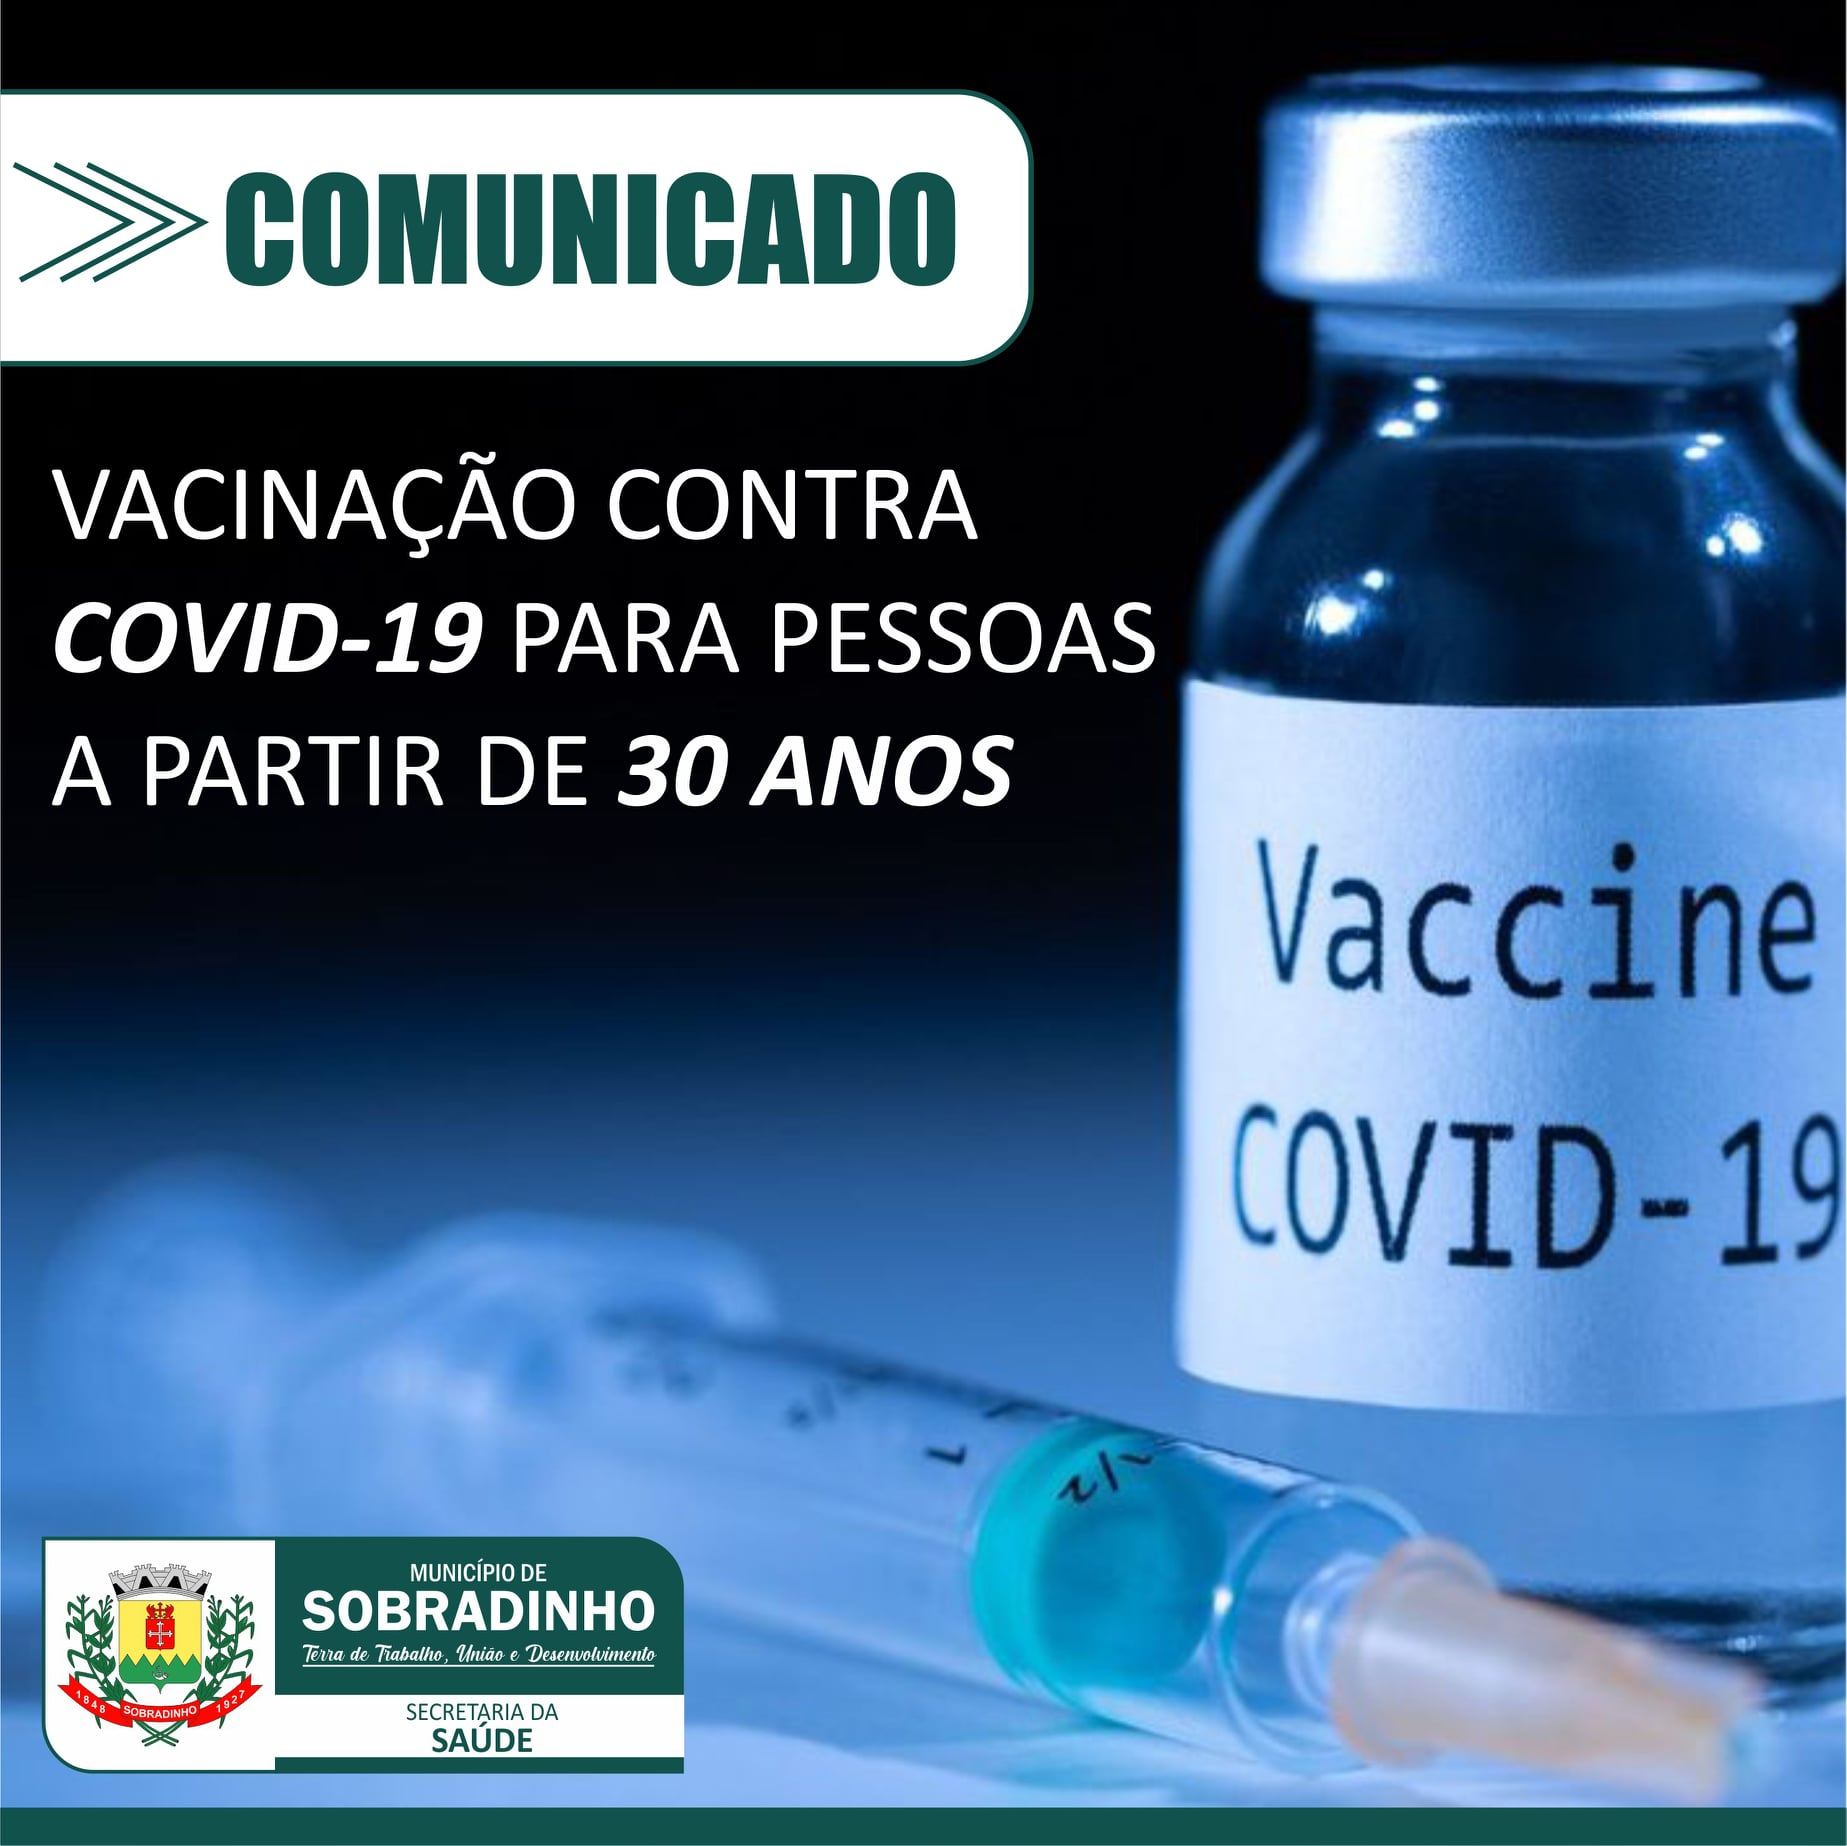 Nova etapa de vacinação contra a Covid-19 em Sobradinho, a partir dos 30 anos